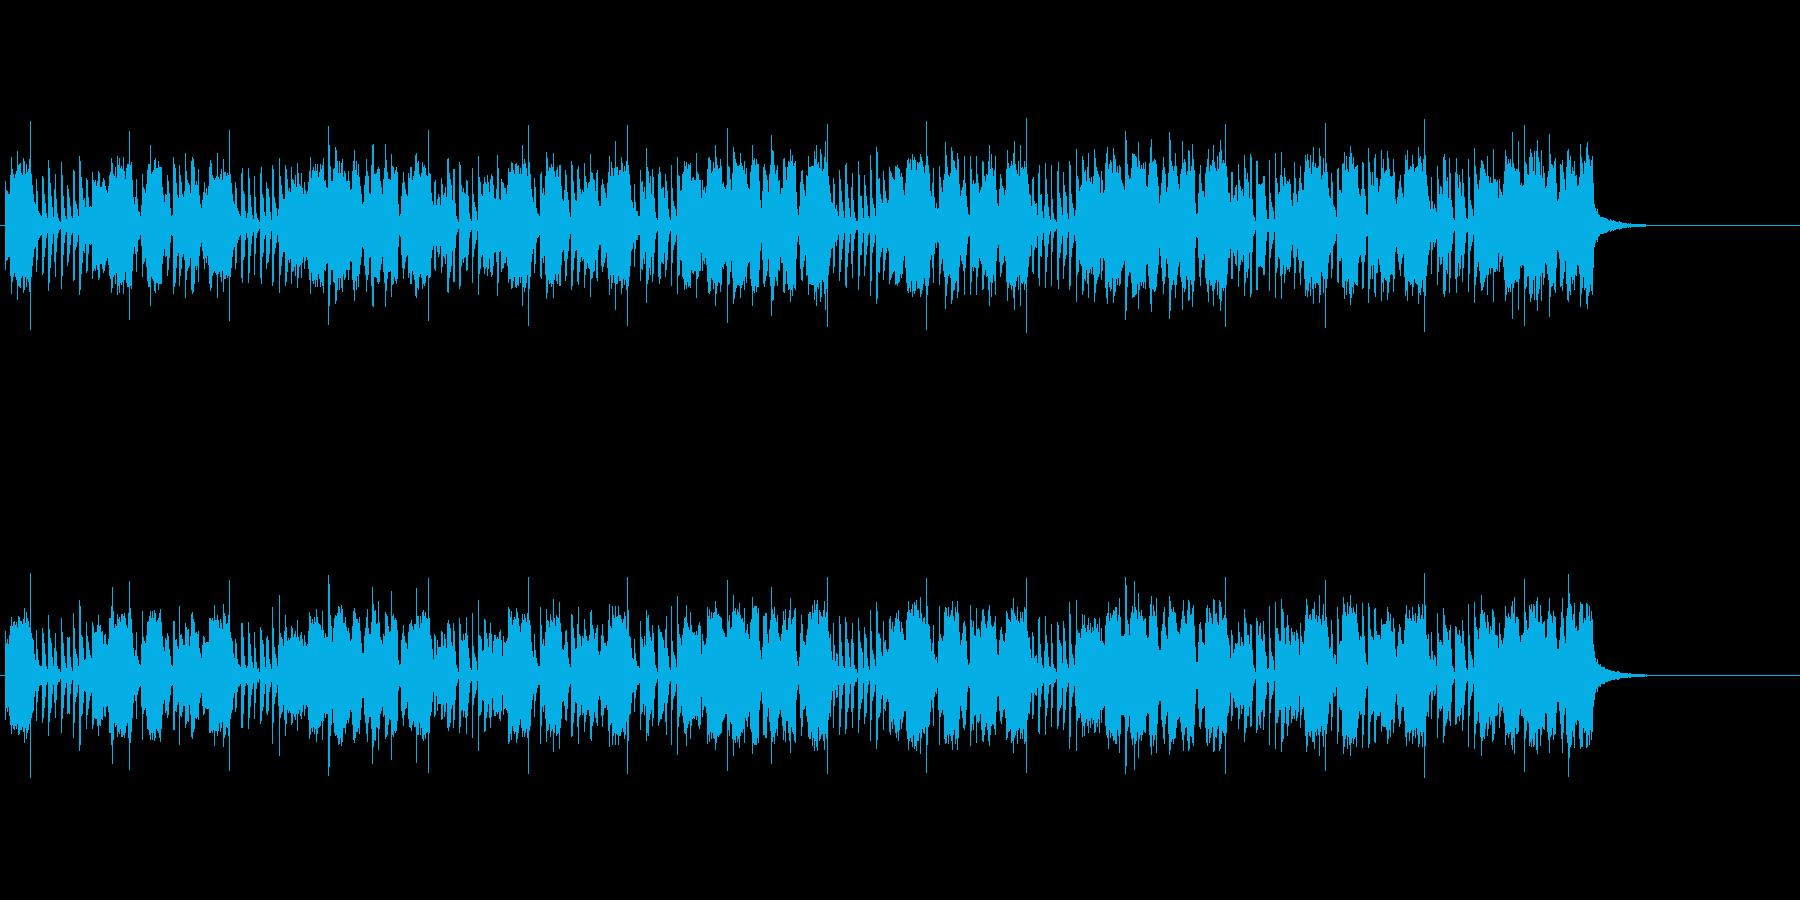 シンセリードが印象的な変則ビートの再生済みの波形